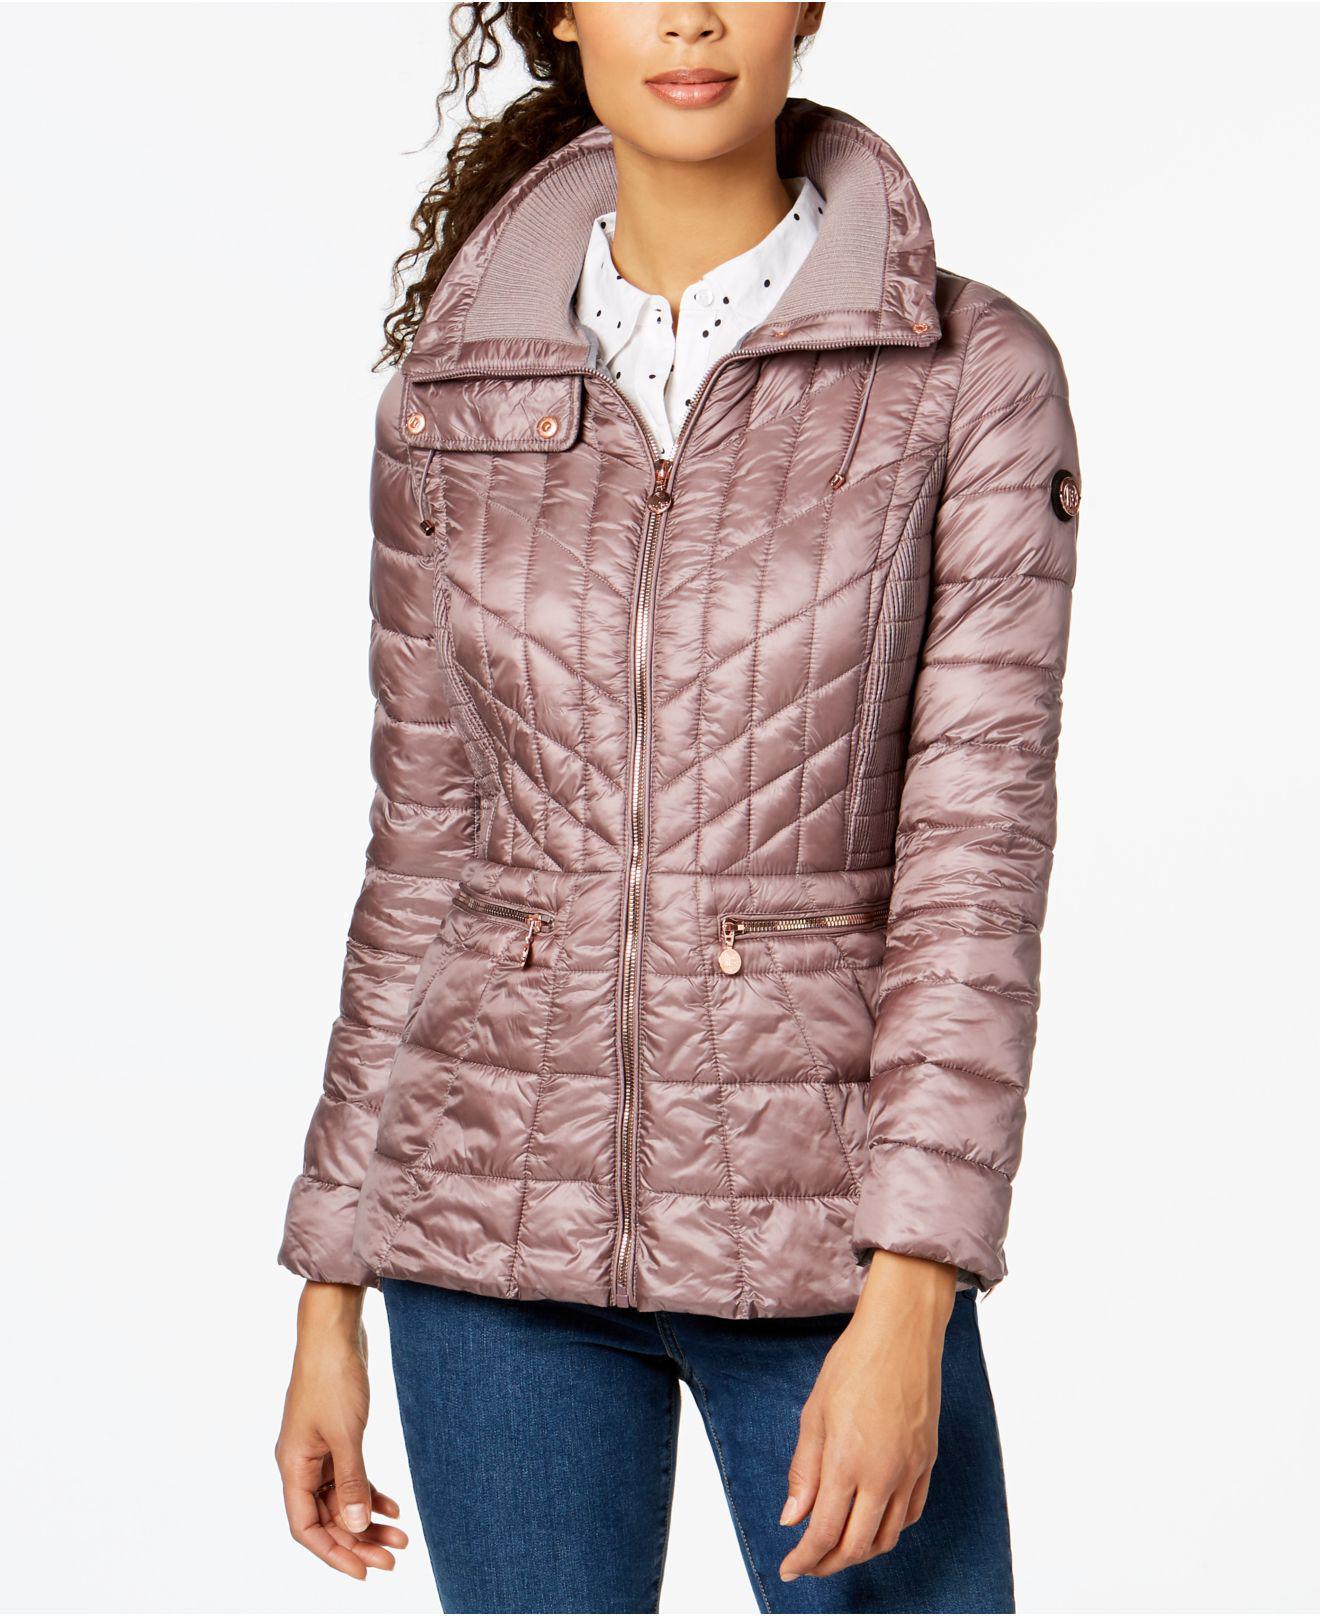 d26e92d0b8f Bernardo. Women s Quilted Packable Puffer Coat